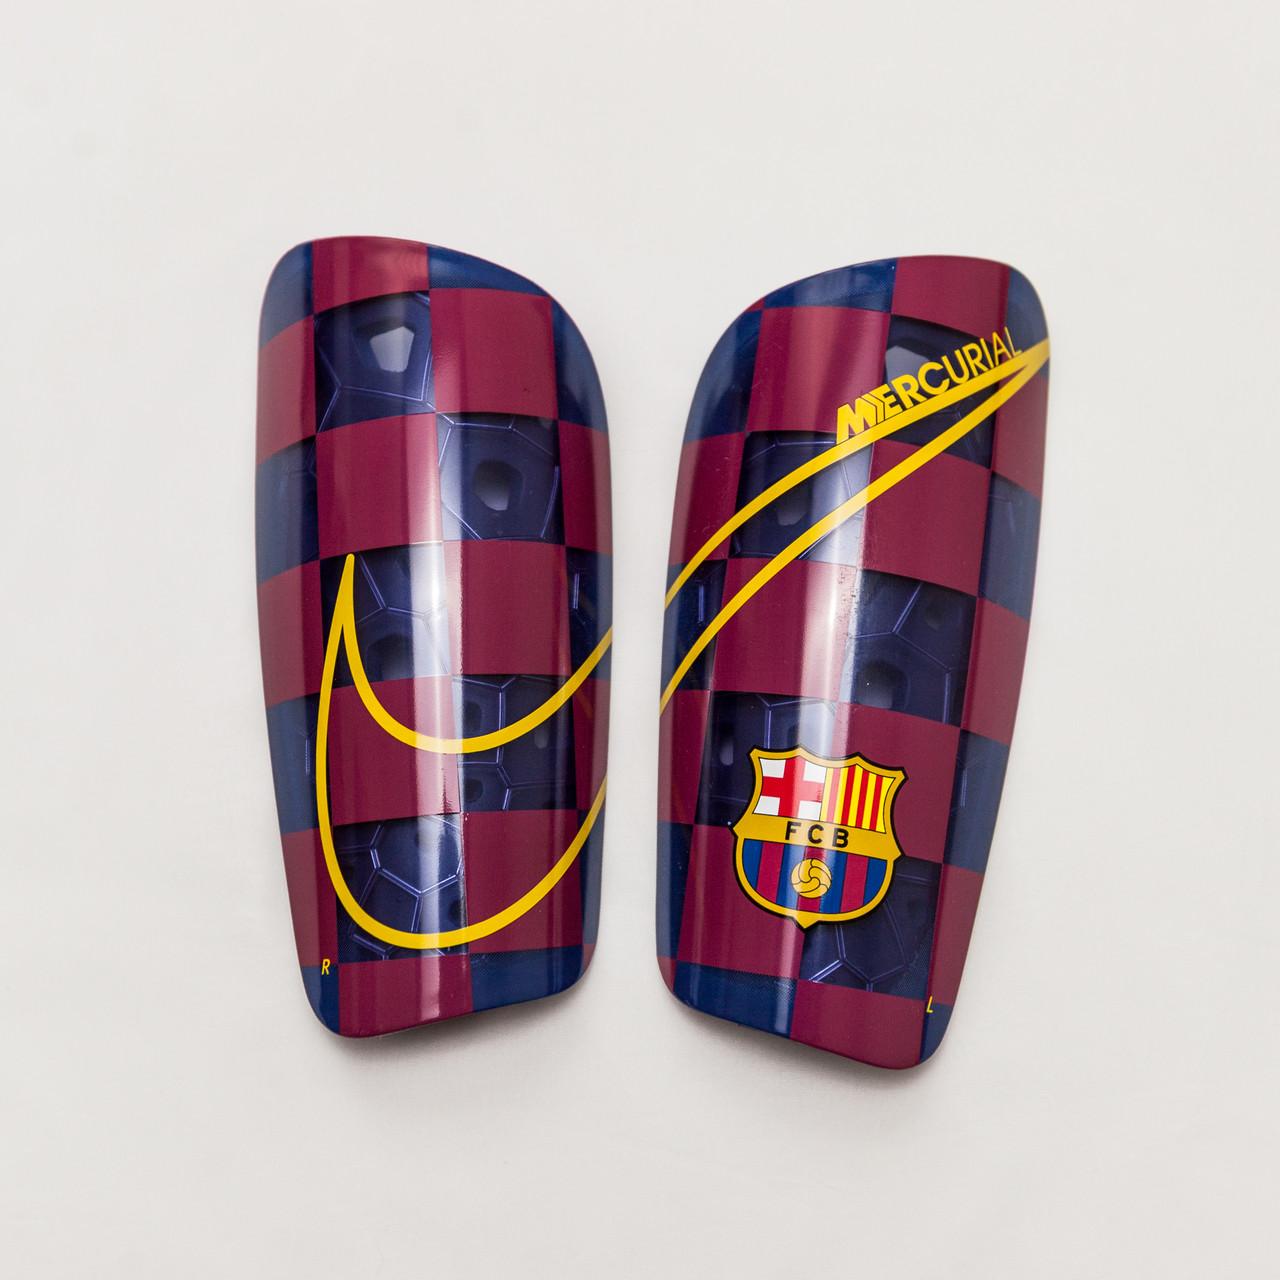 Щитки щутбольные Nike FC Barcelona Mercurial Lite SP2171-455 Синий с бордовым